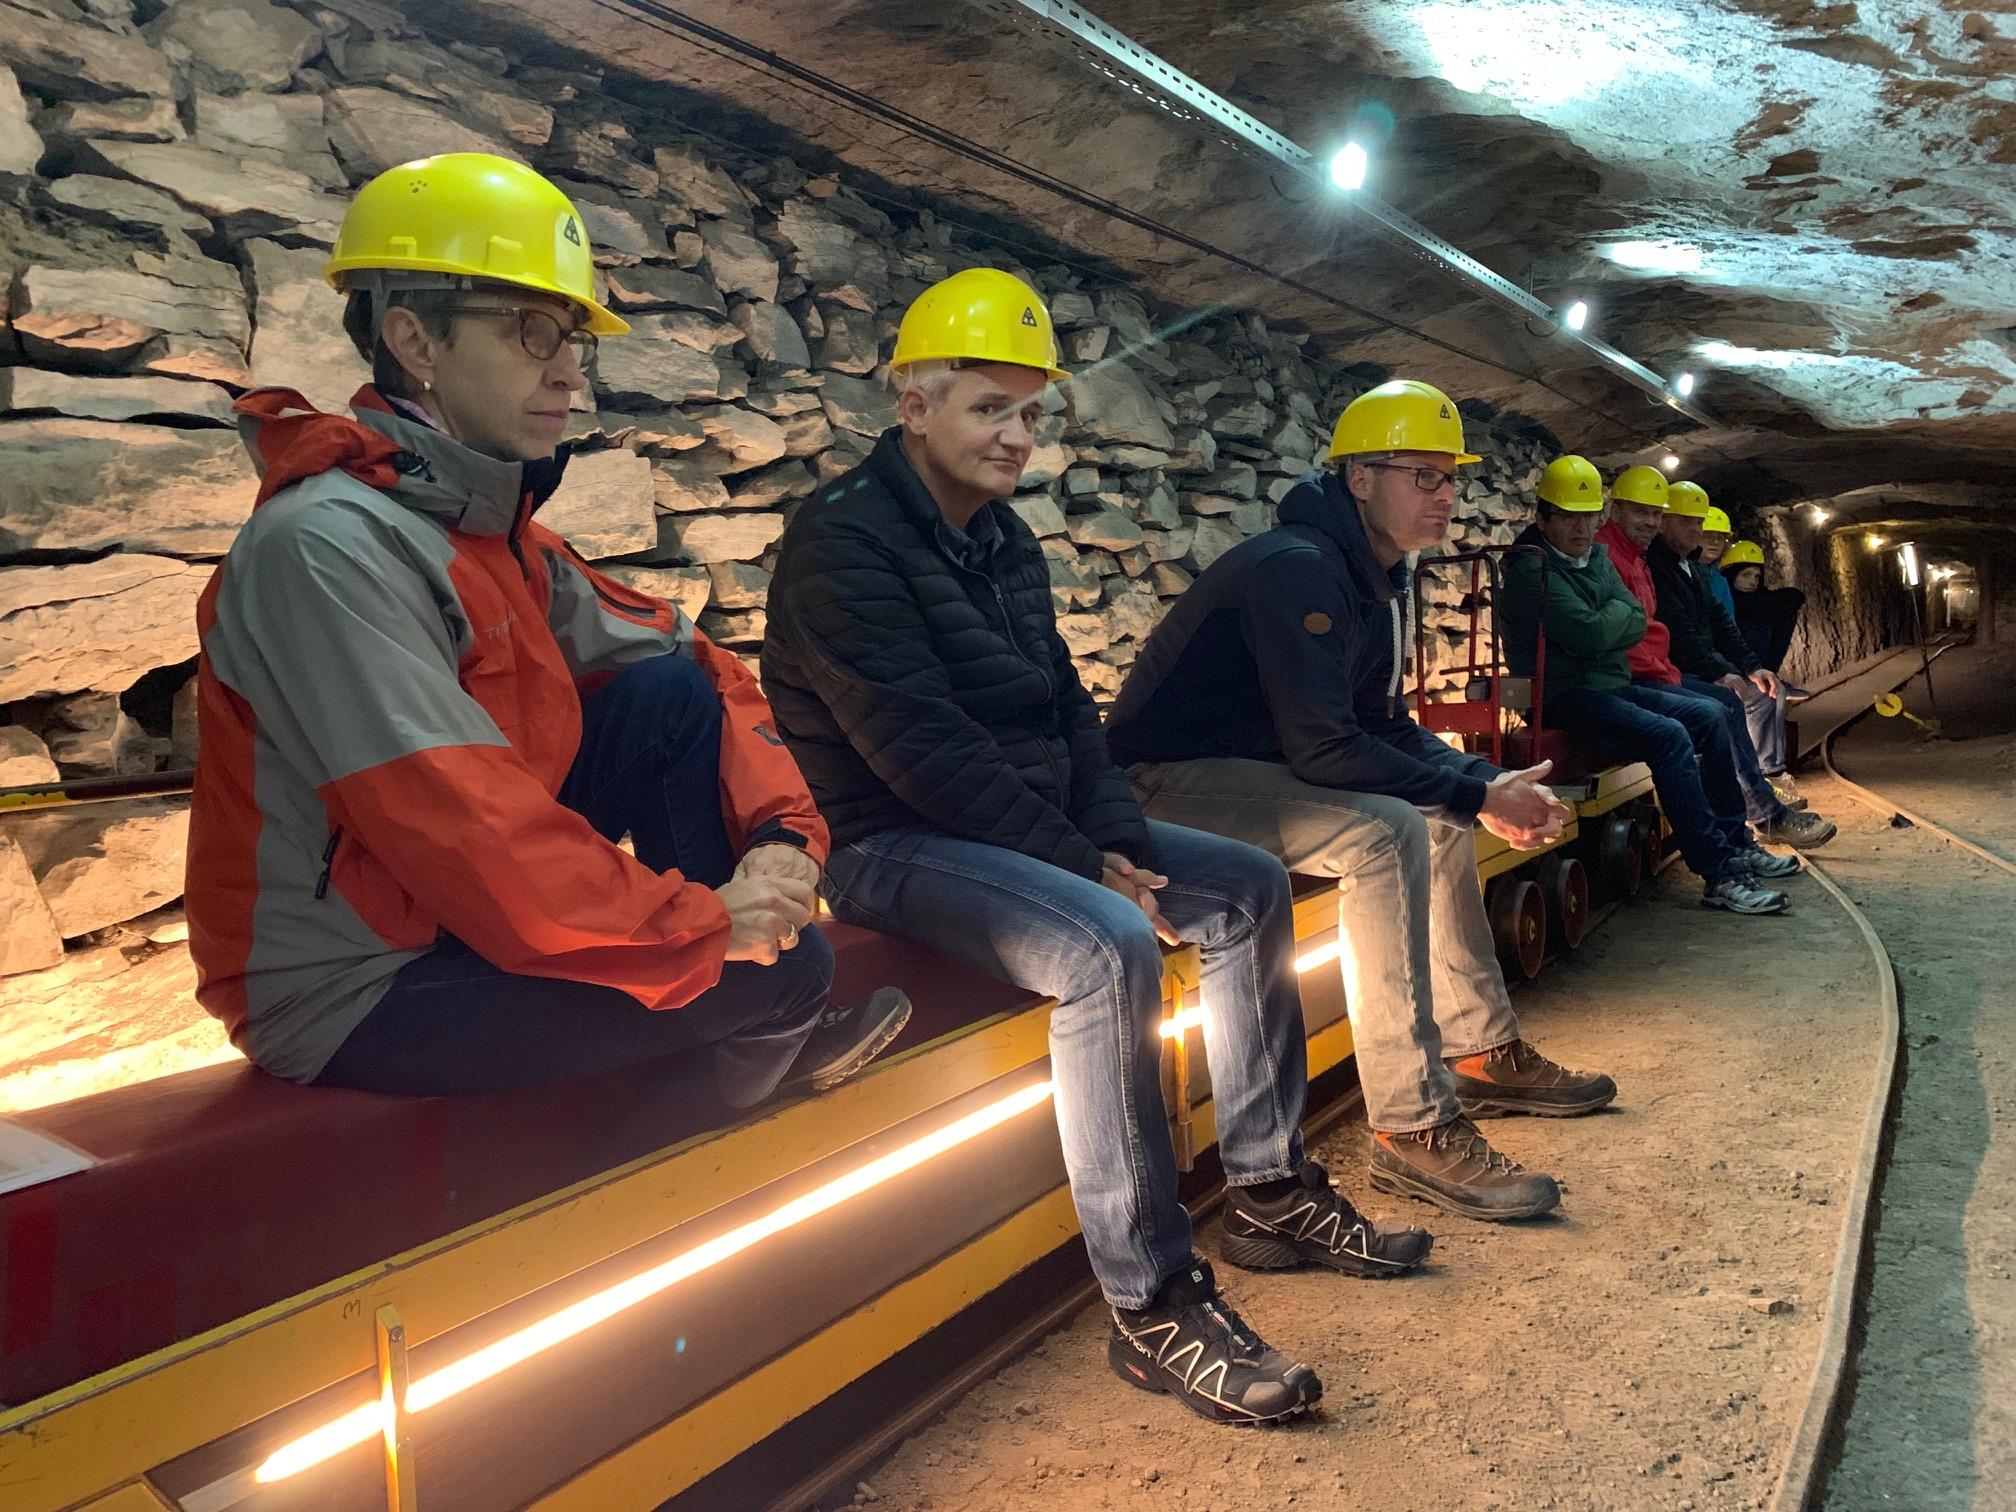 Am zweiten Tag stand ein Besuch des Horgner Bergwerks Käpfnach auf dem Programm. Hier zu sehen (von links): Therese Henggeler, Dirk Wüstenmann, Tobias Schreijäg, Armin Schuler, Karl-Heinz Müller, Ueli und Heidi Brandenberger, Livio Bachmann